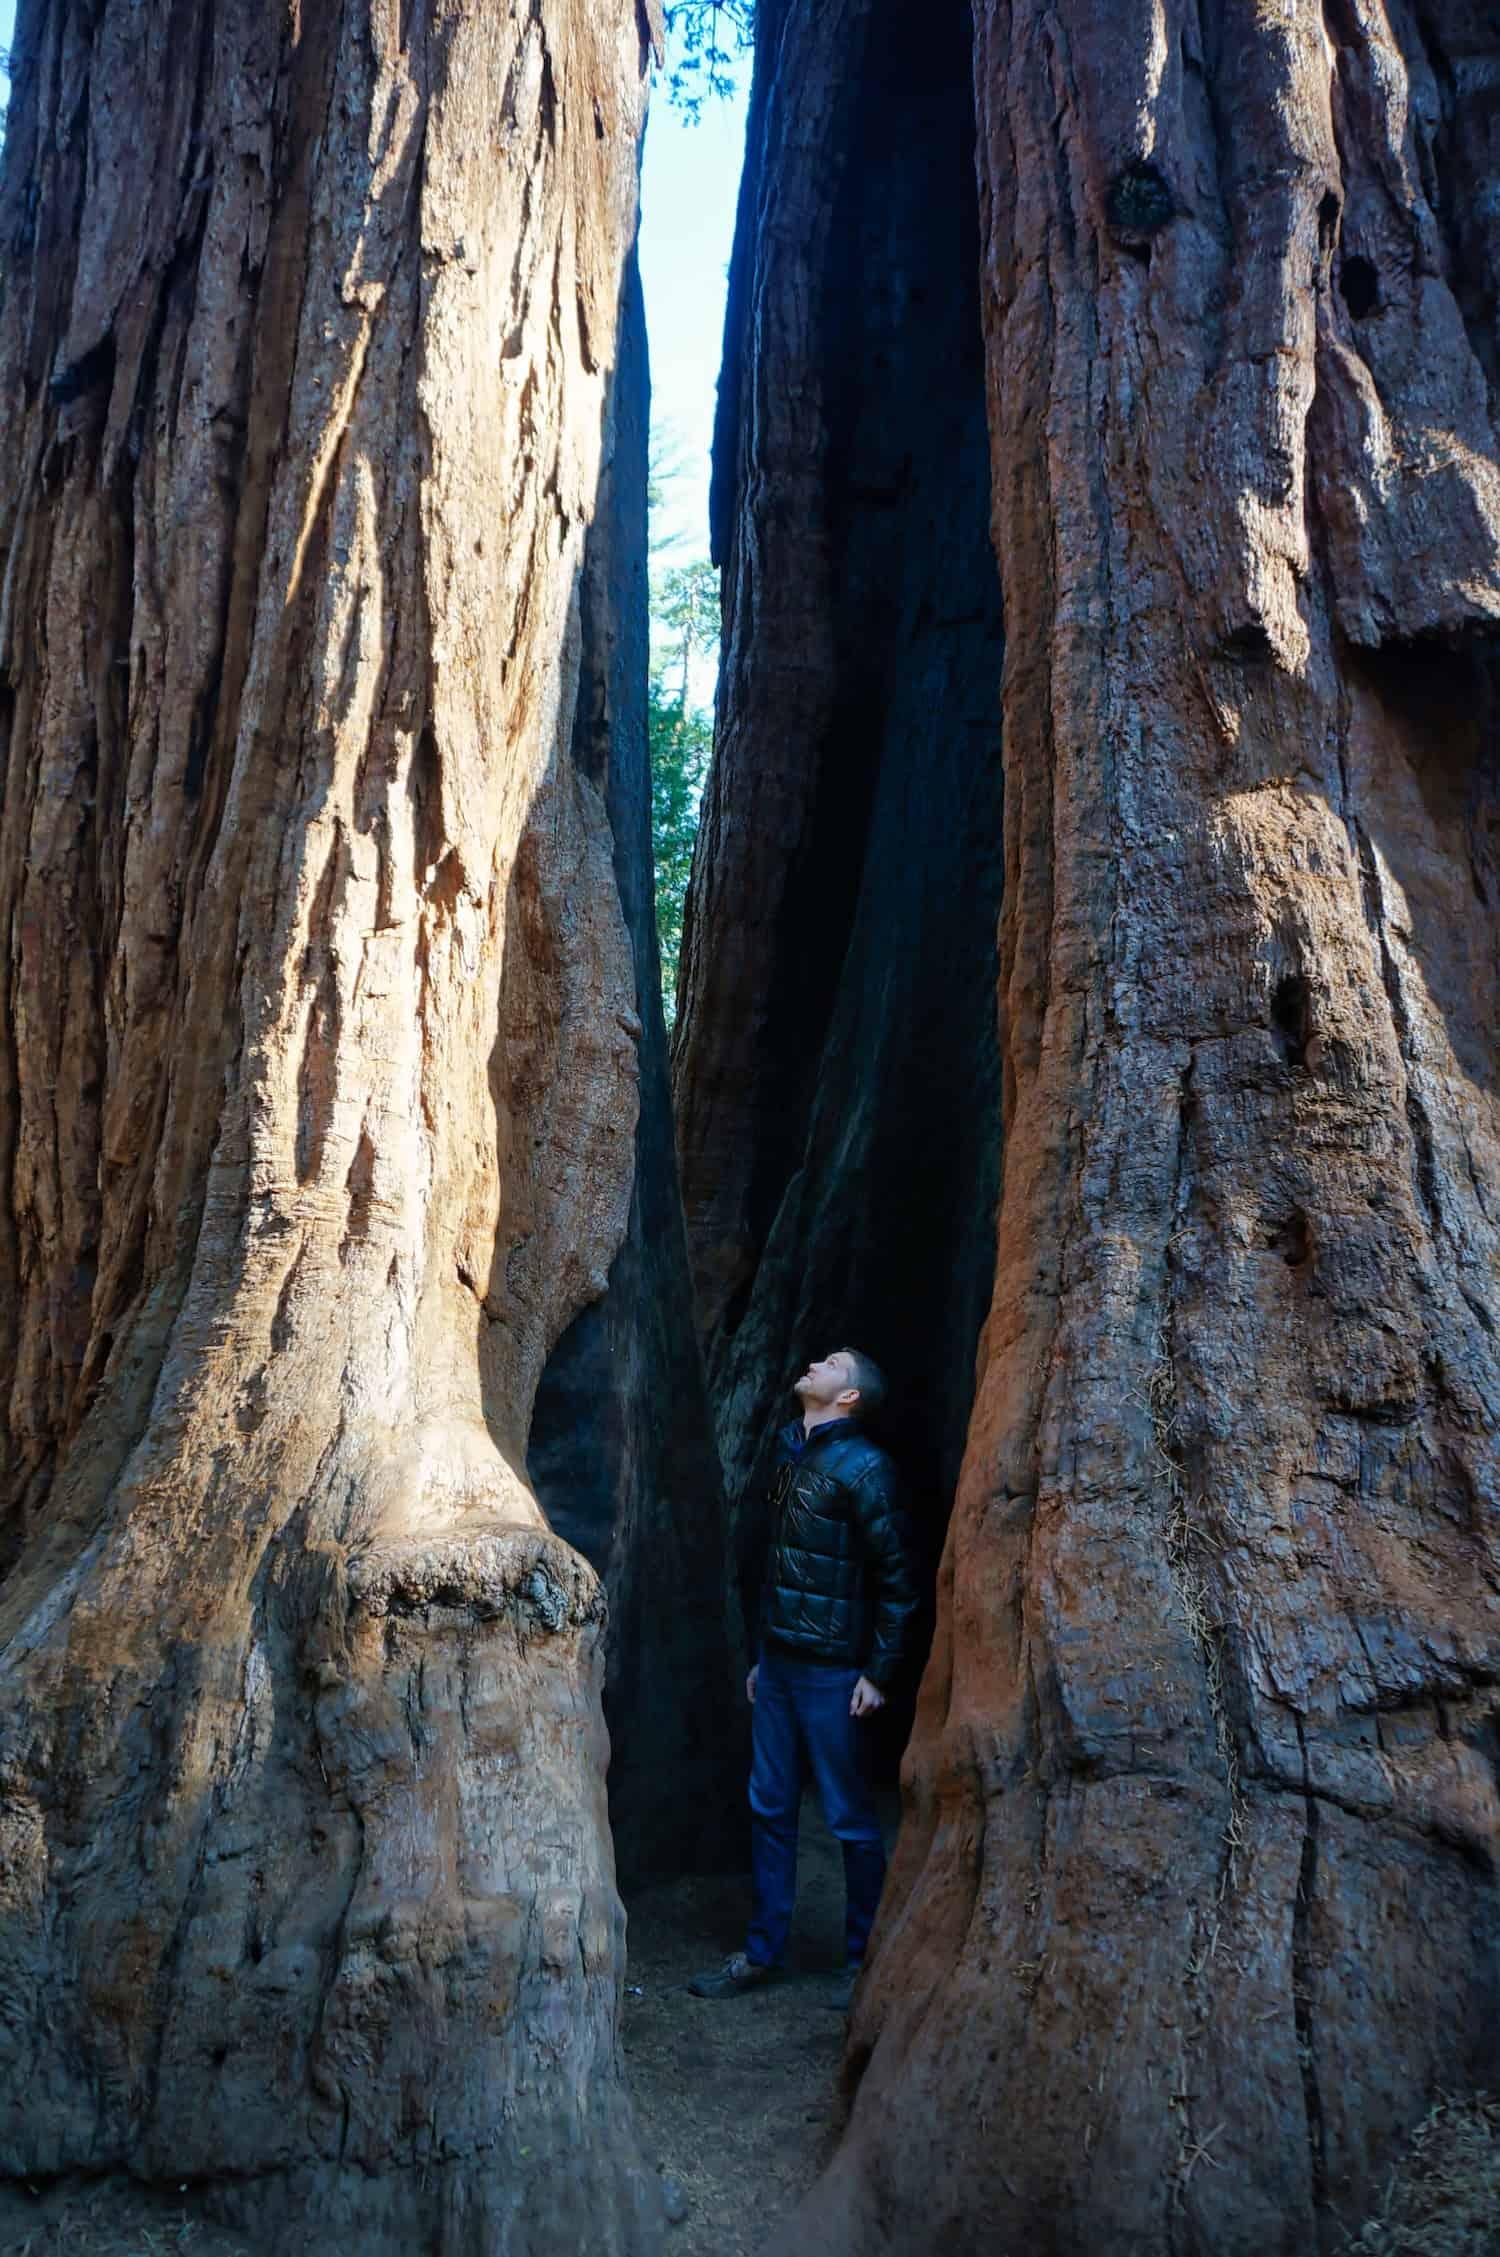 Calaveras Redwoods - Mr. V inside a tree